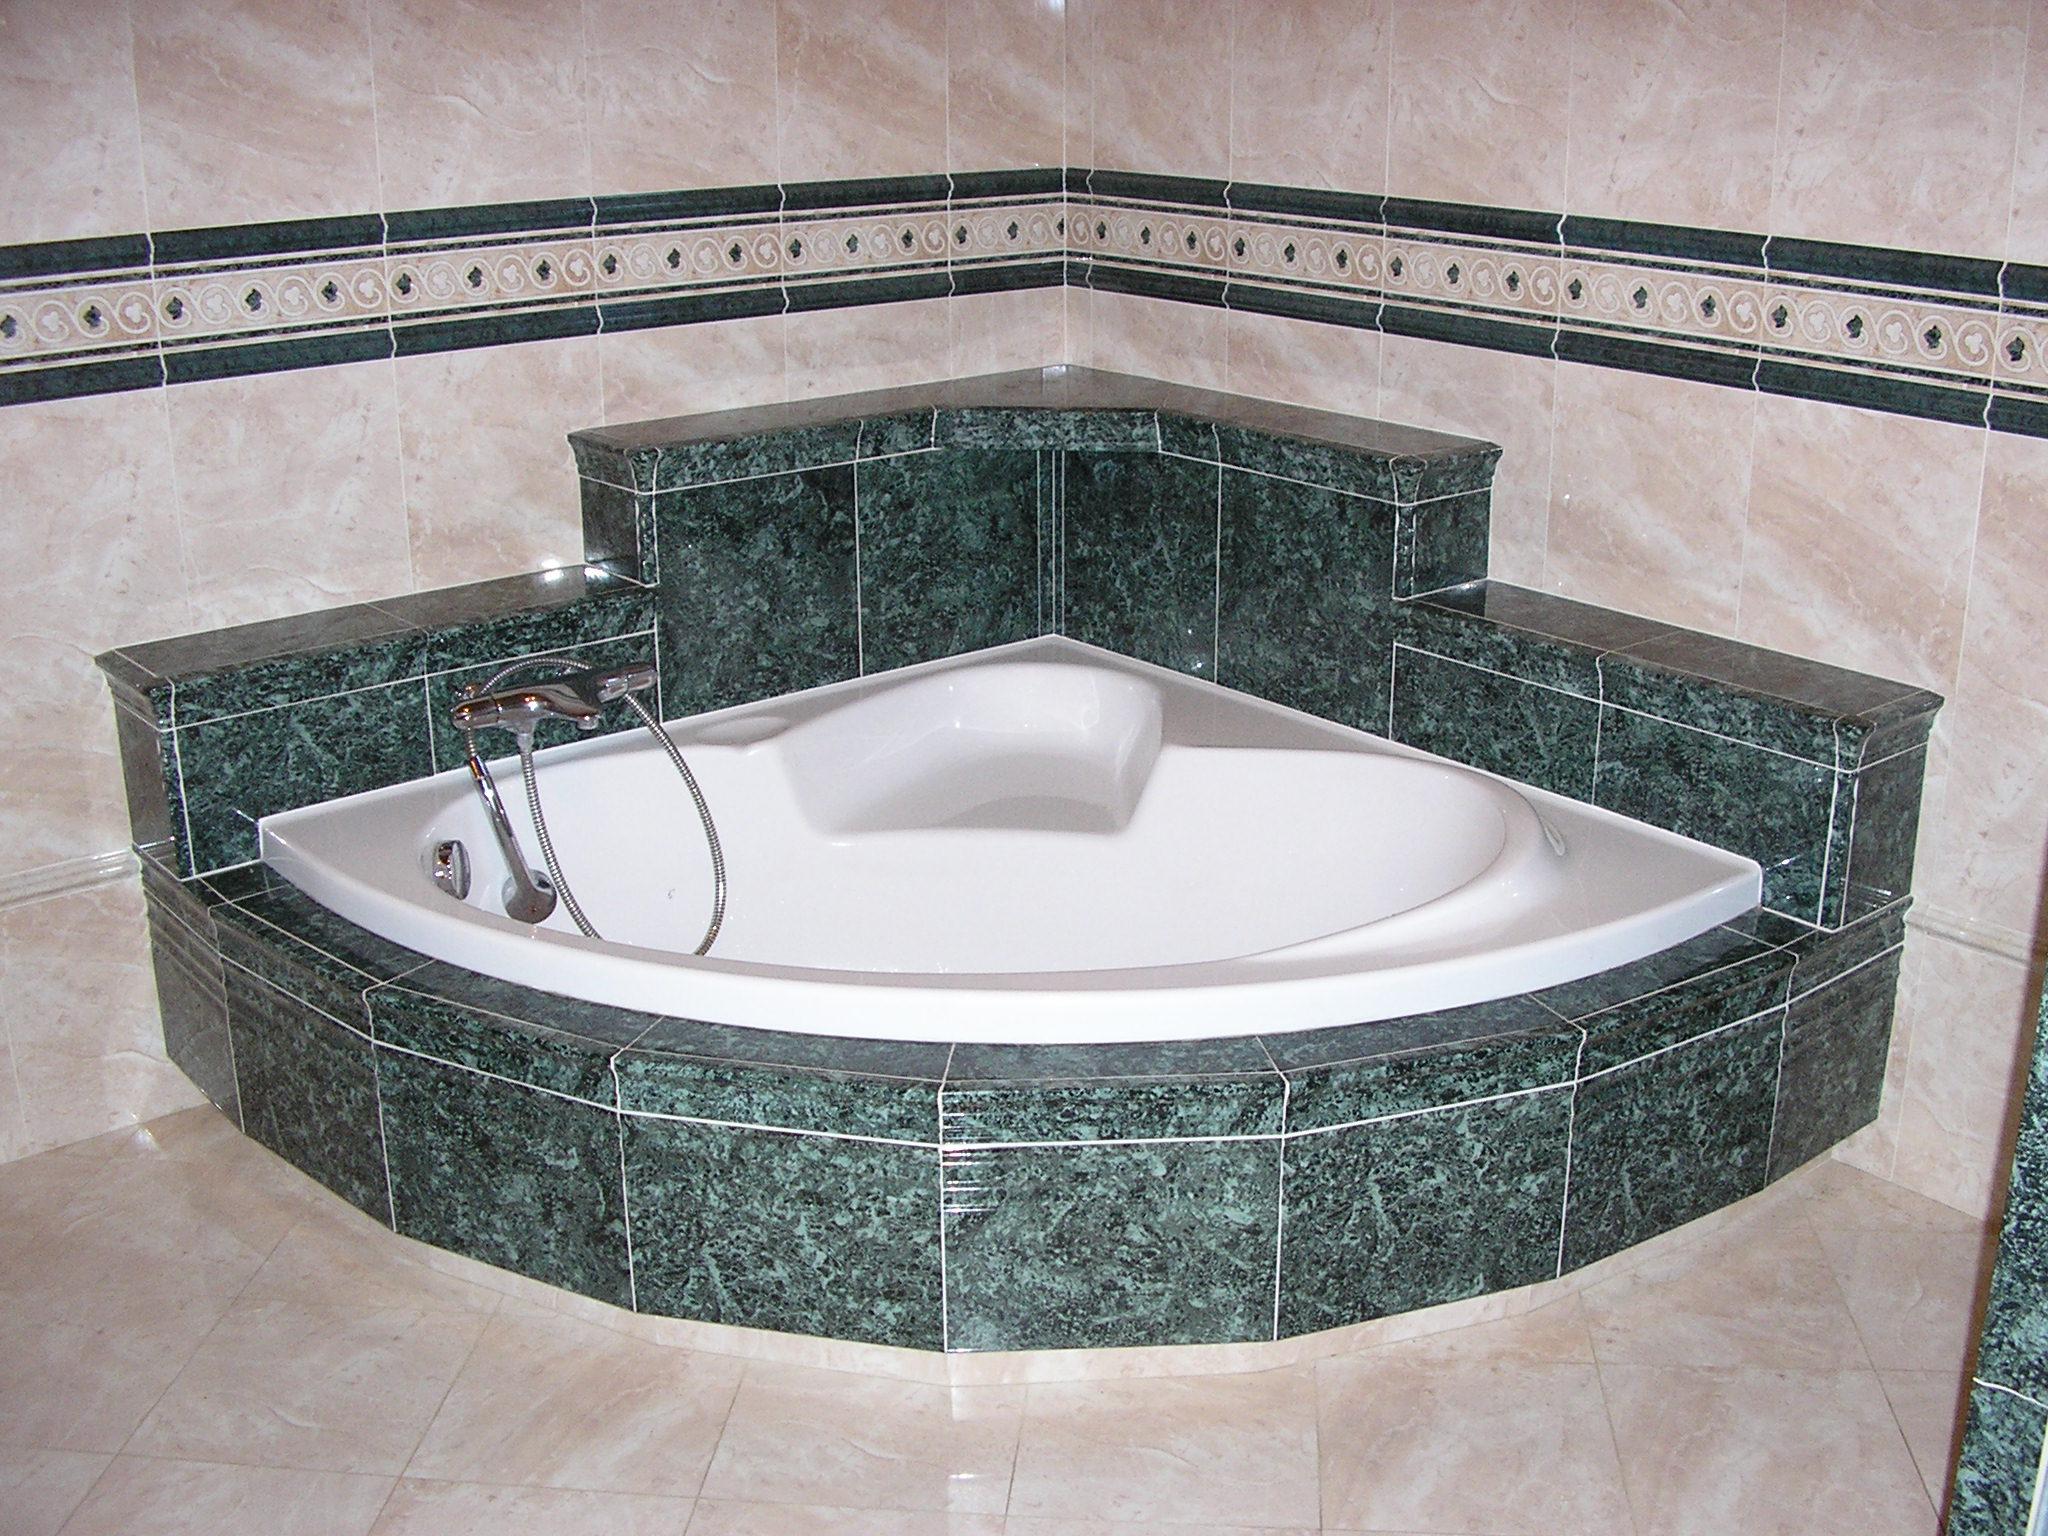 Habillage baignoire faience id e inspirante for Poser de la faience salle de bain